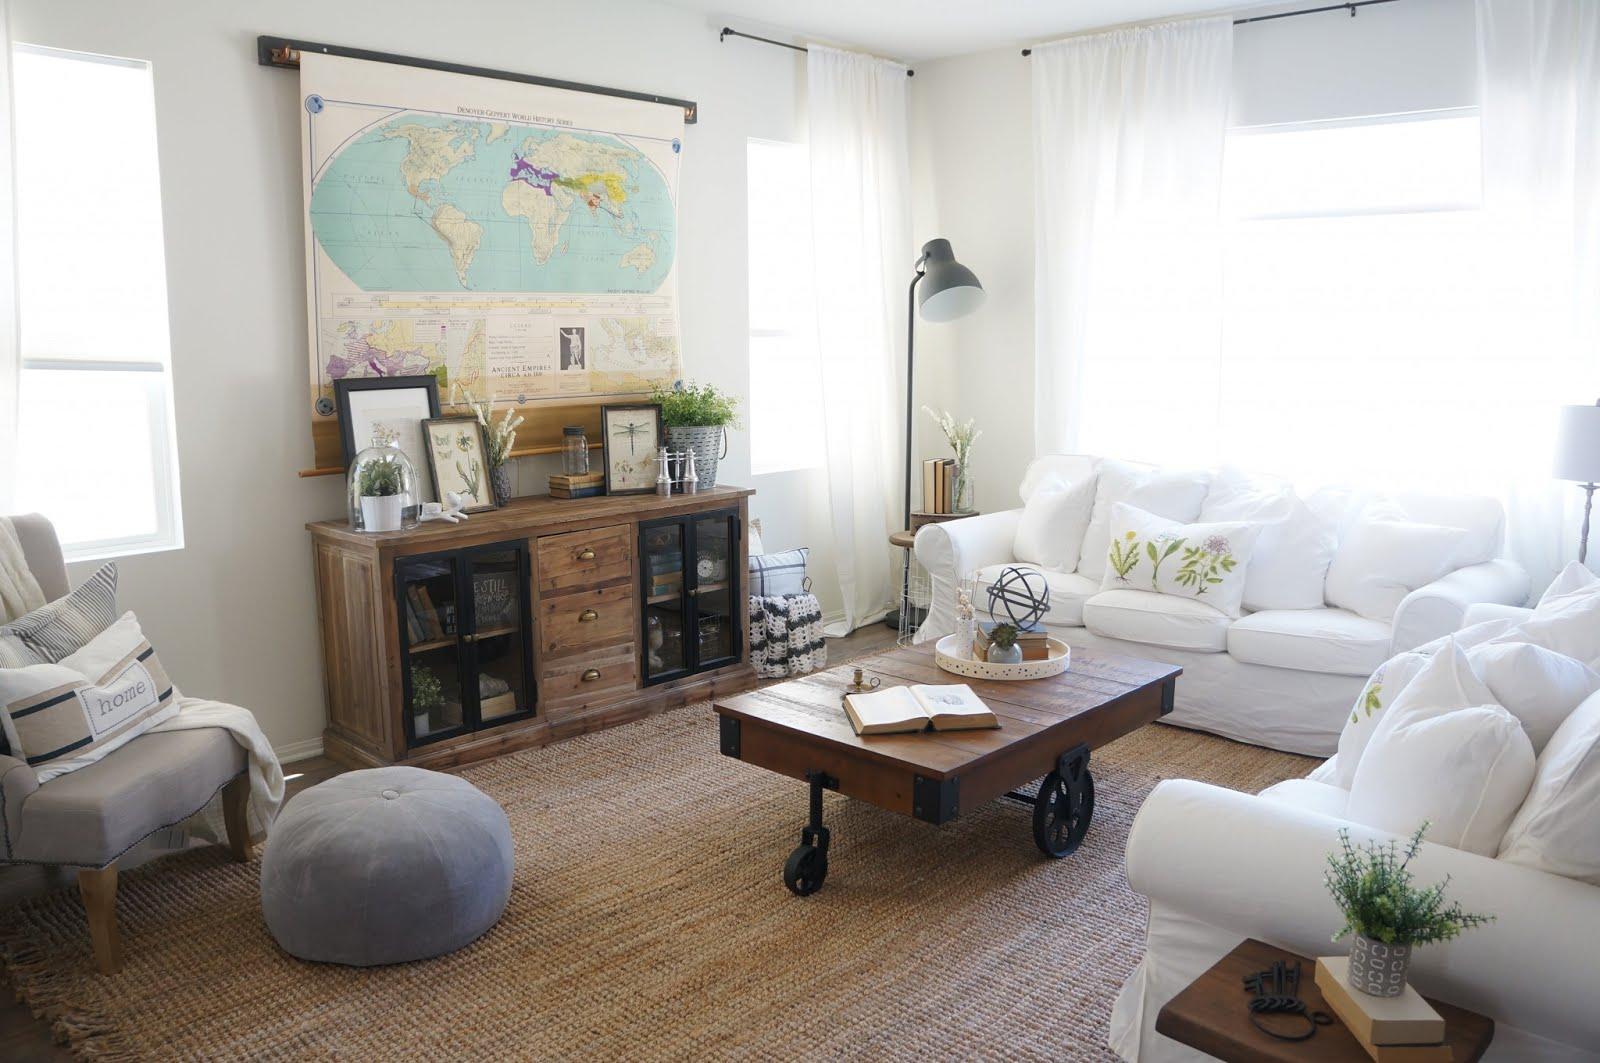 la fabrique d co d co et technologie des id es pour camoufler sa t l. Black Bedroom Furniture Sets. Home Design Ideas